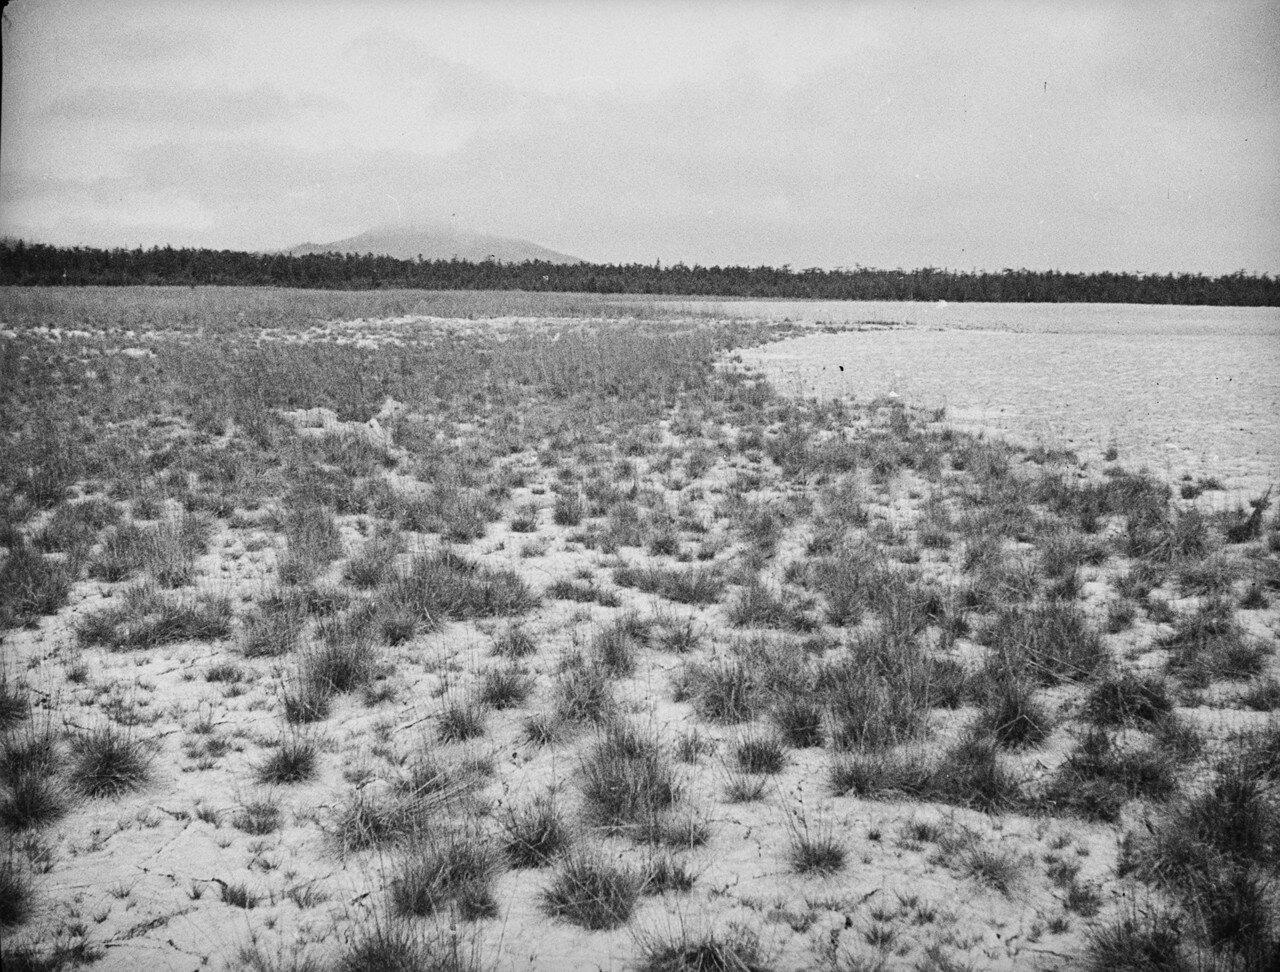 Южно-Сахалинский грязевой вулкан. Зона III (внешняя зона)